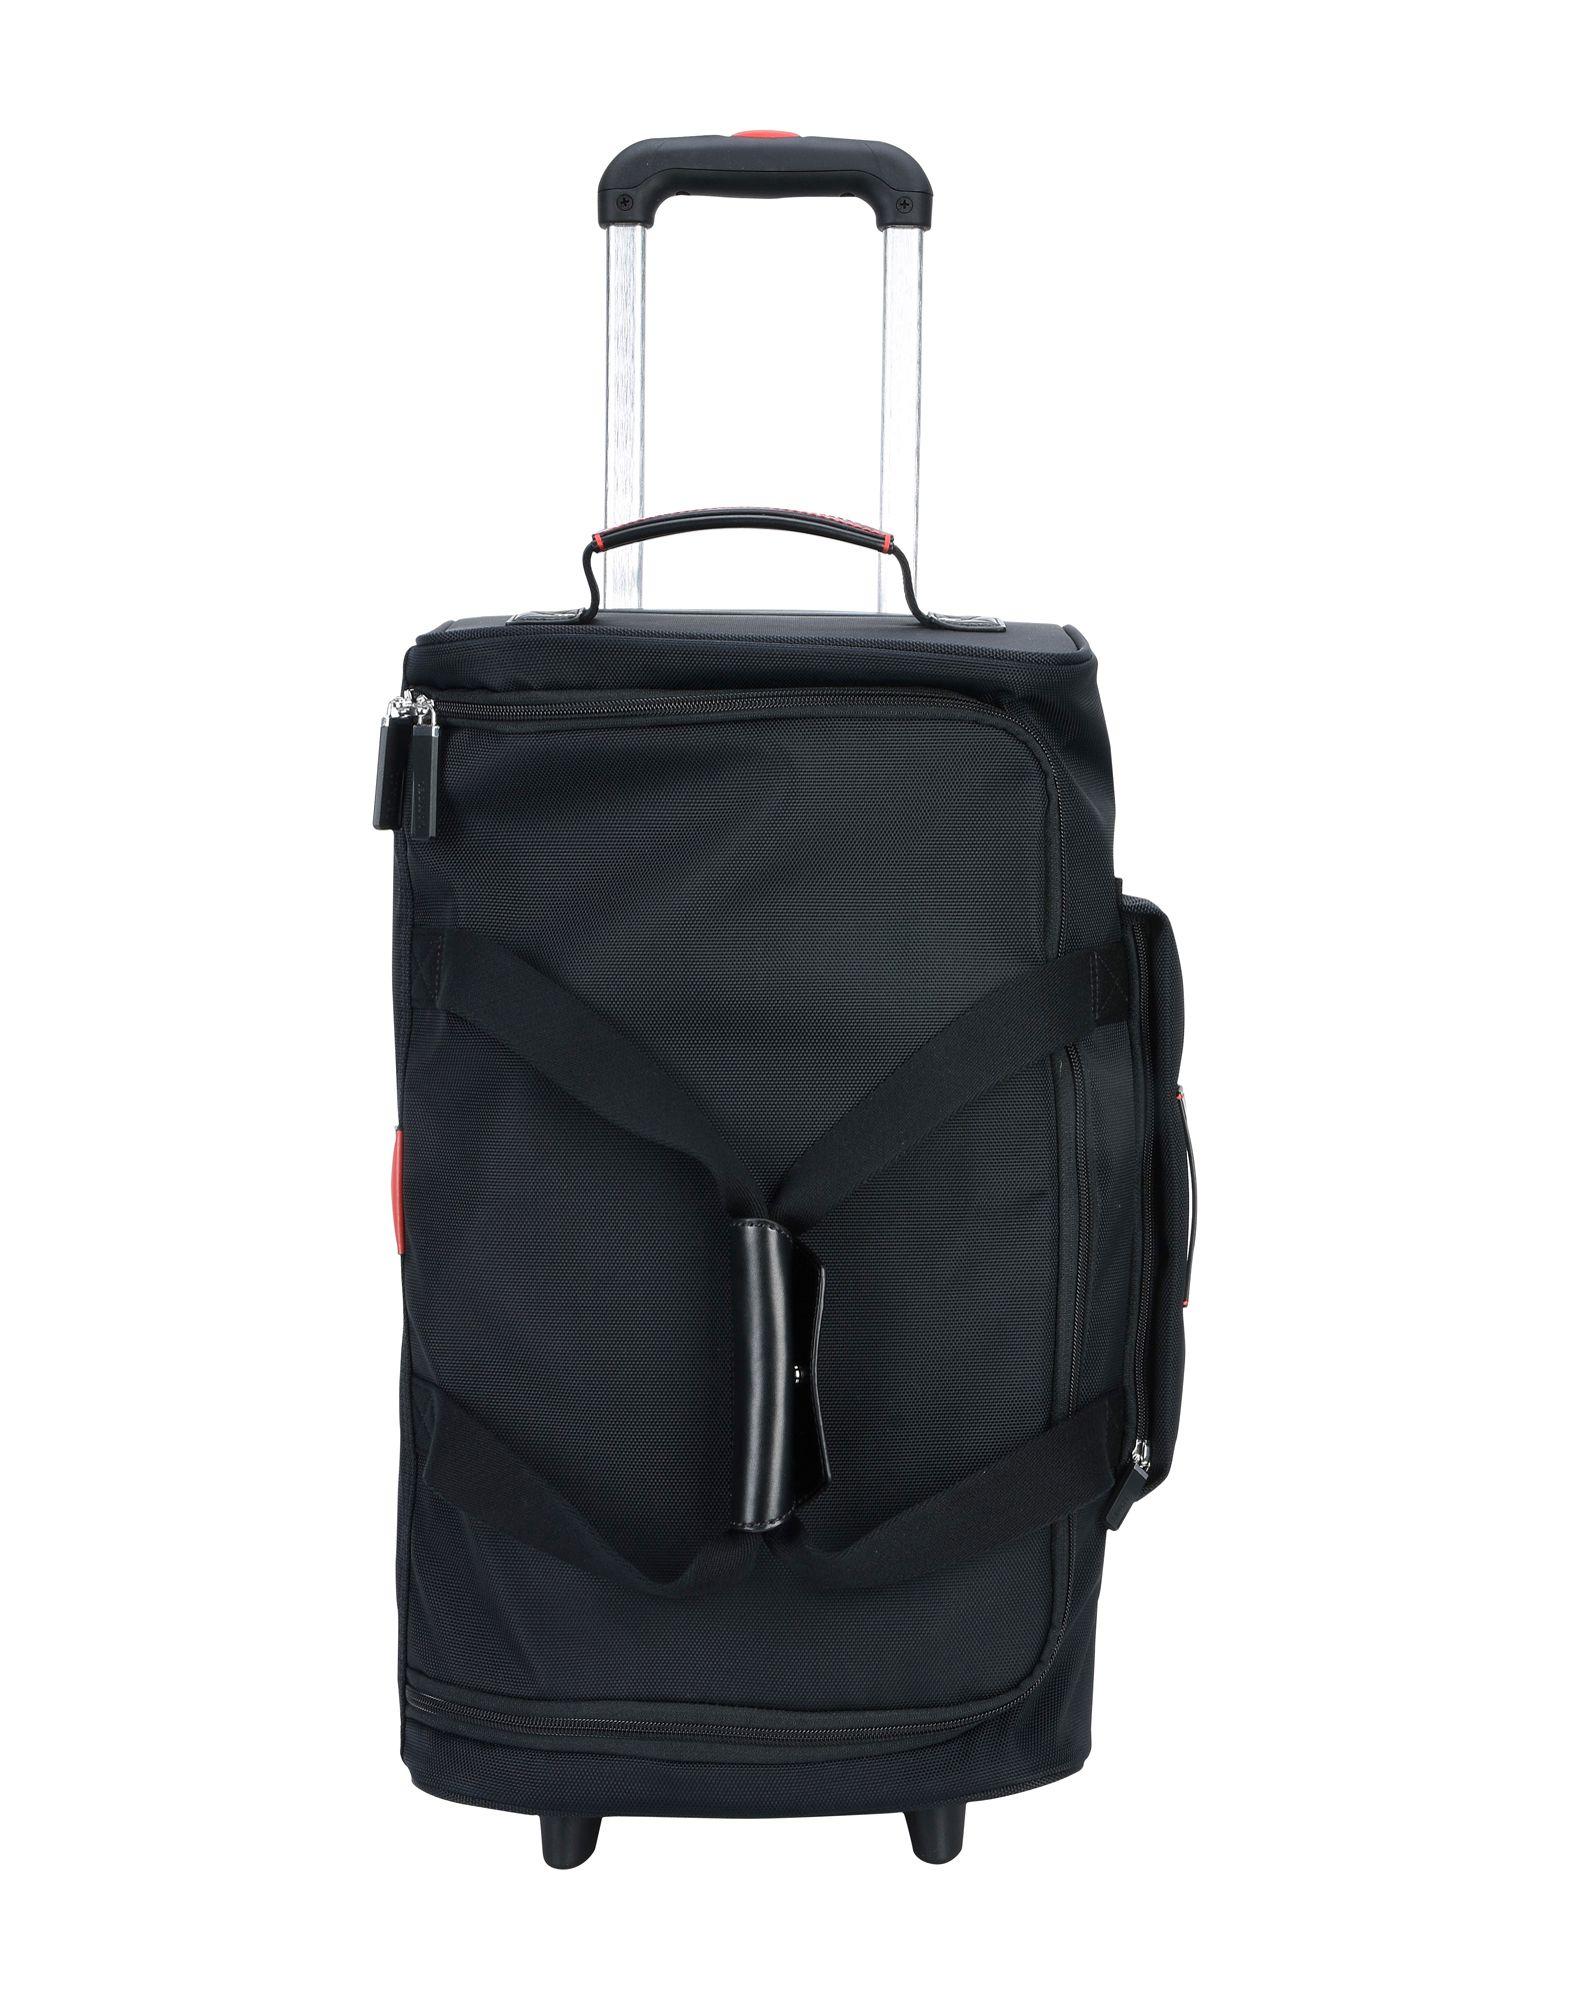 LANCEL Чемодан/сумка на колесиках стойка для одежды artmoon toronto двойная с боковыми выдвижными штангами на колесиках